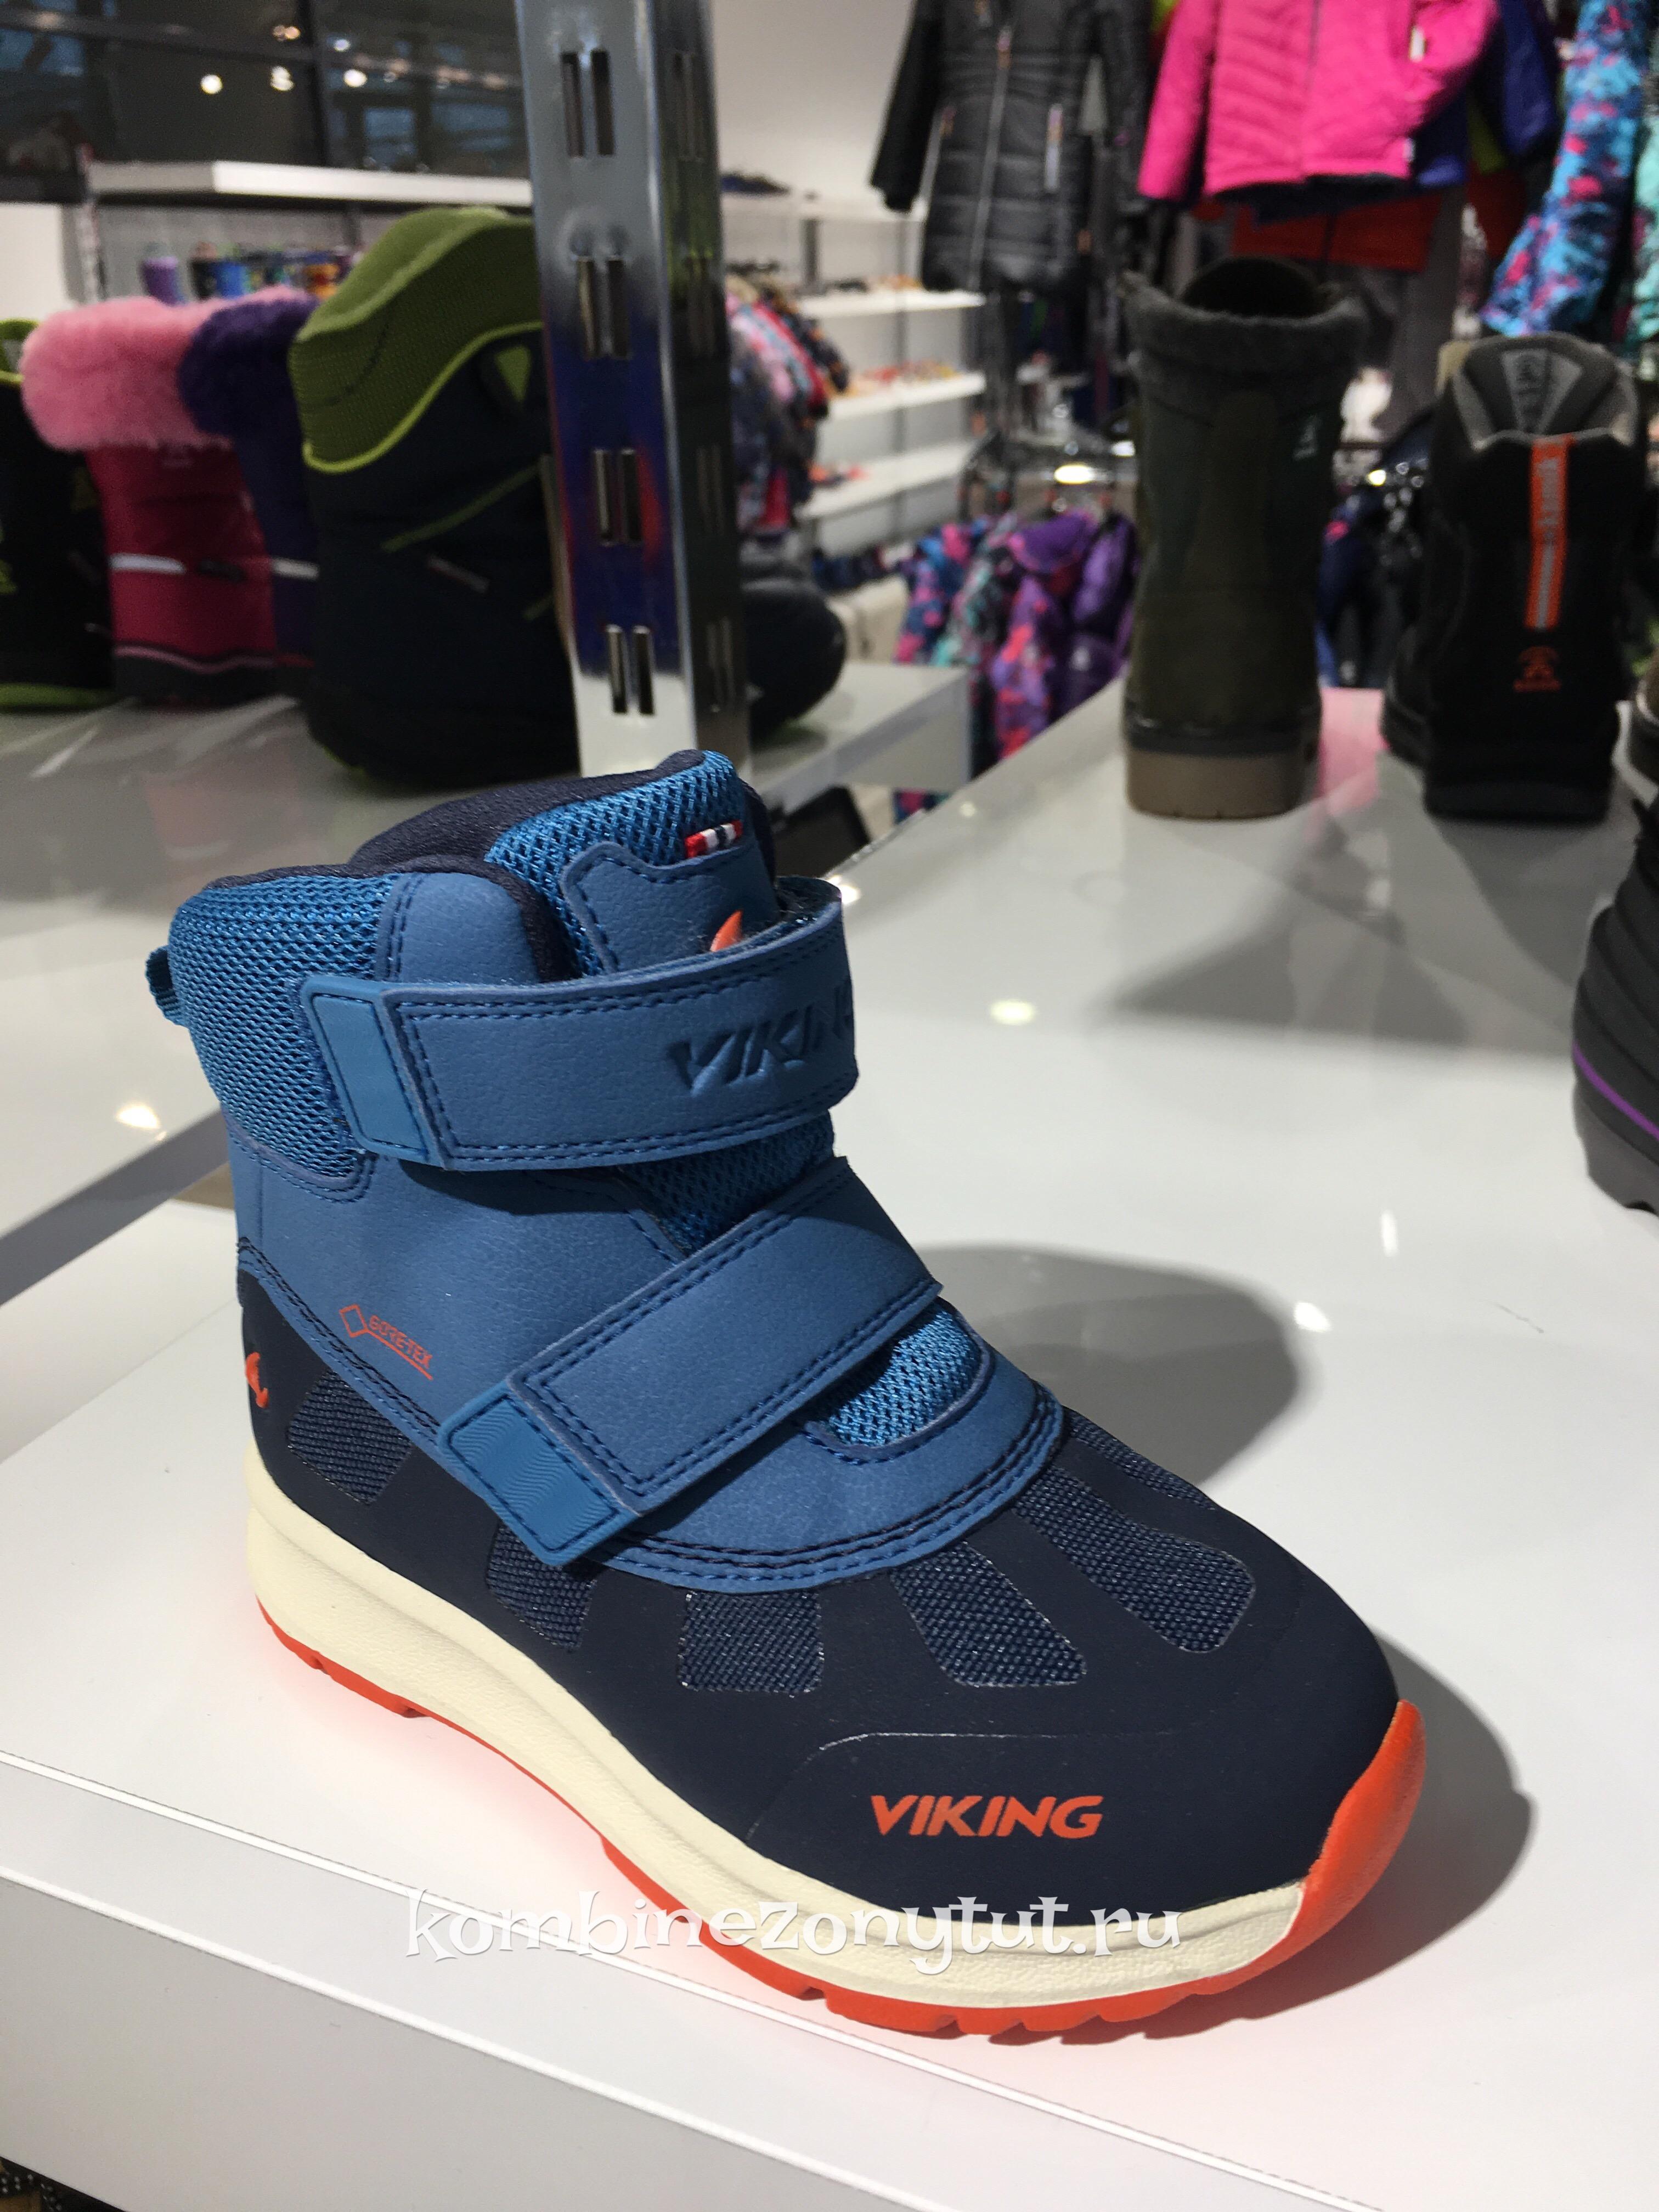 купить в Москве обувь Викинг для ребенка, детская обувь Viking